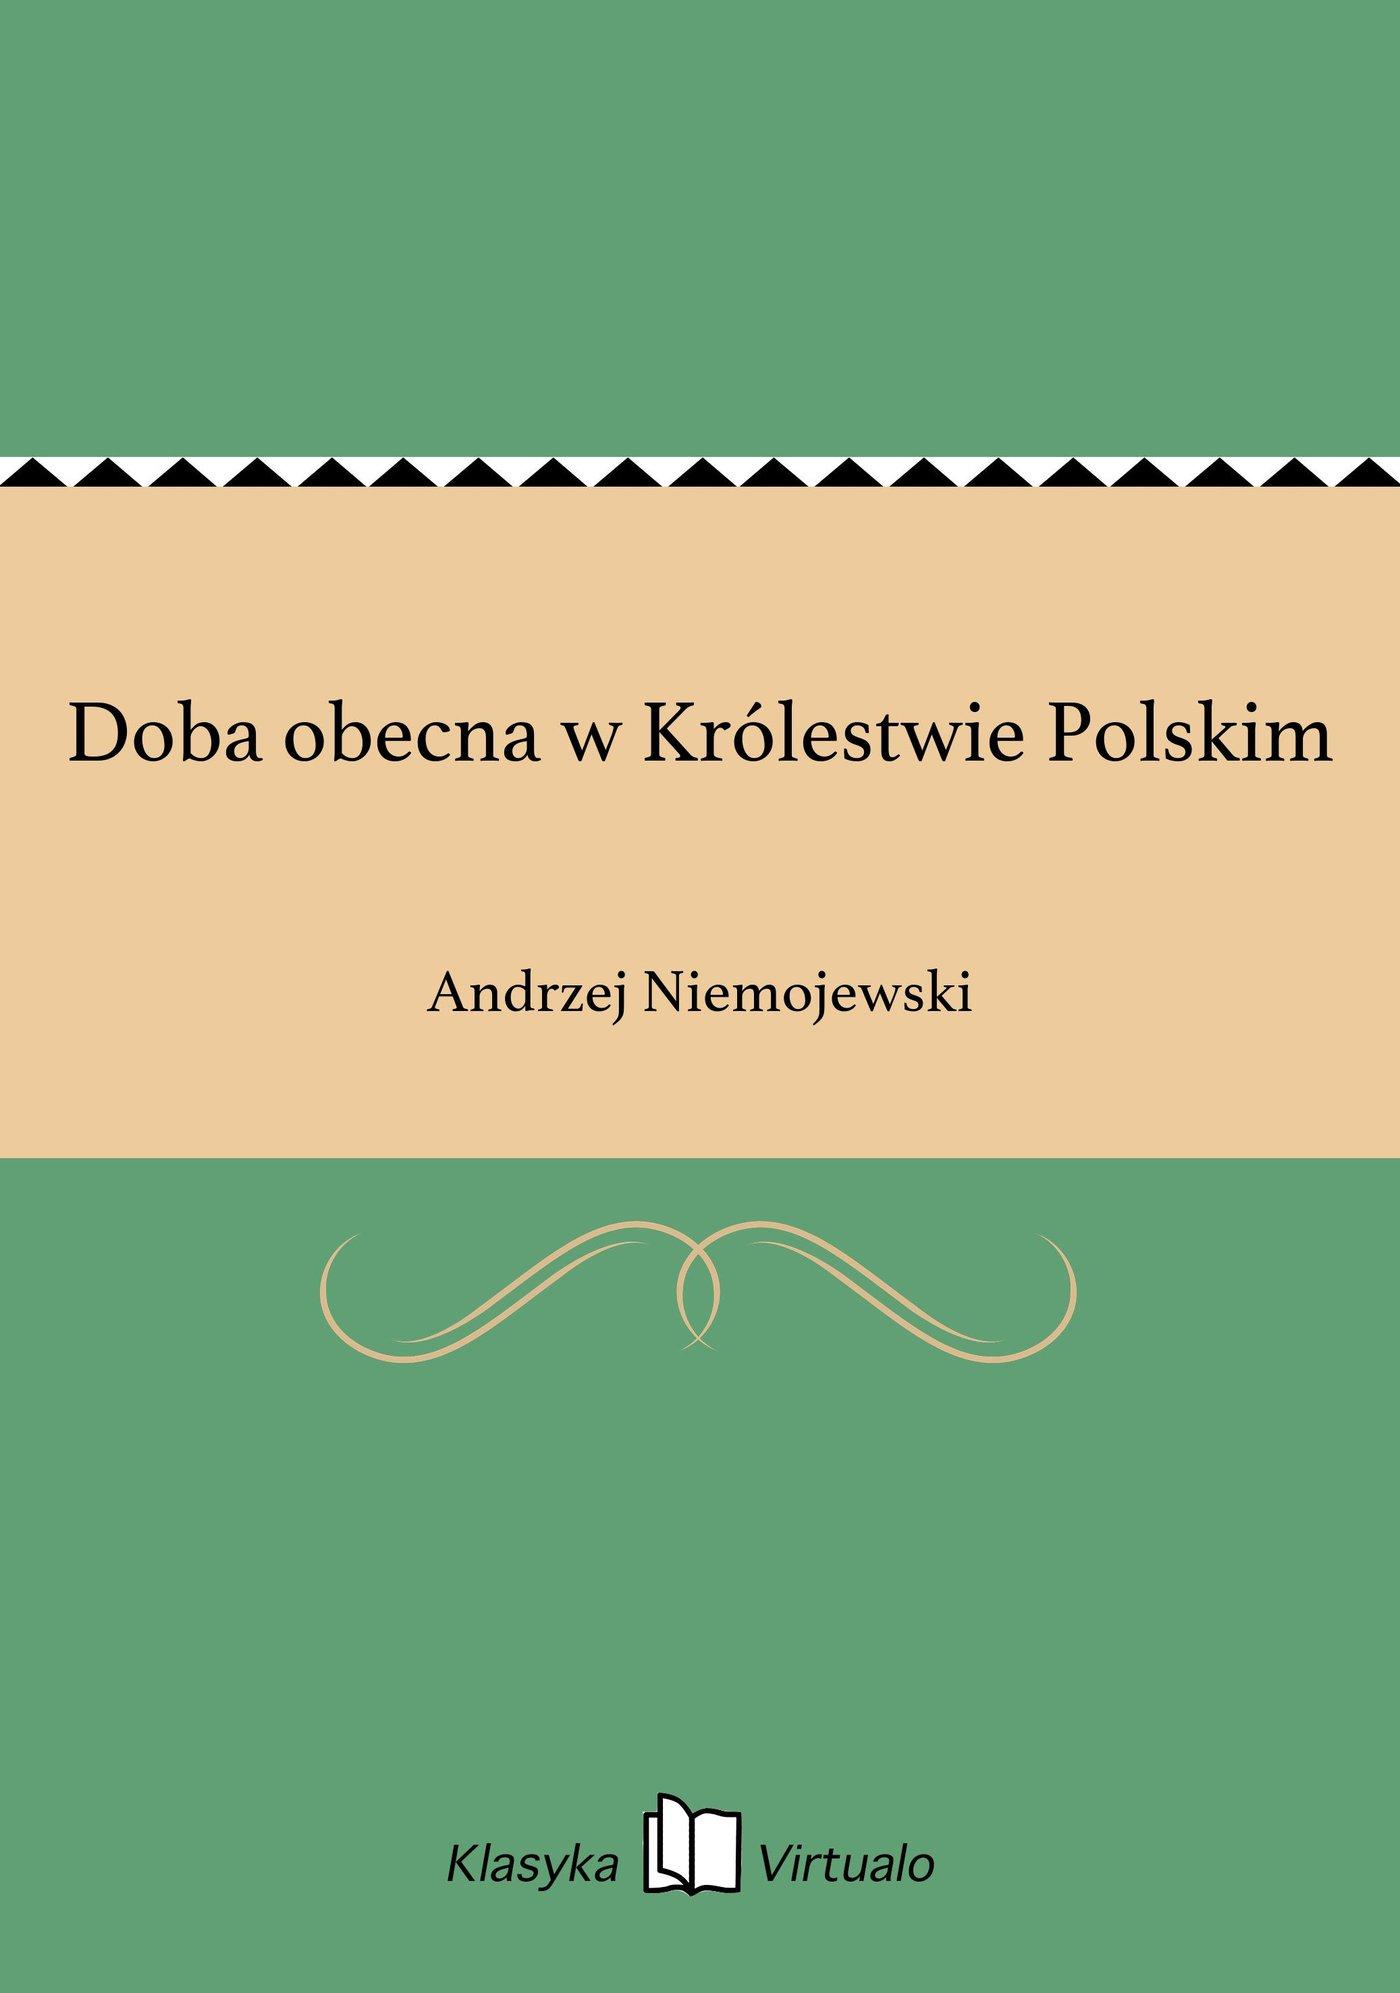 Doba obecna w Królestwie Polskim - Ebook (Książka na Kindle) do pobrania w formacie MOBI